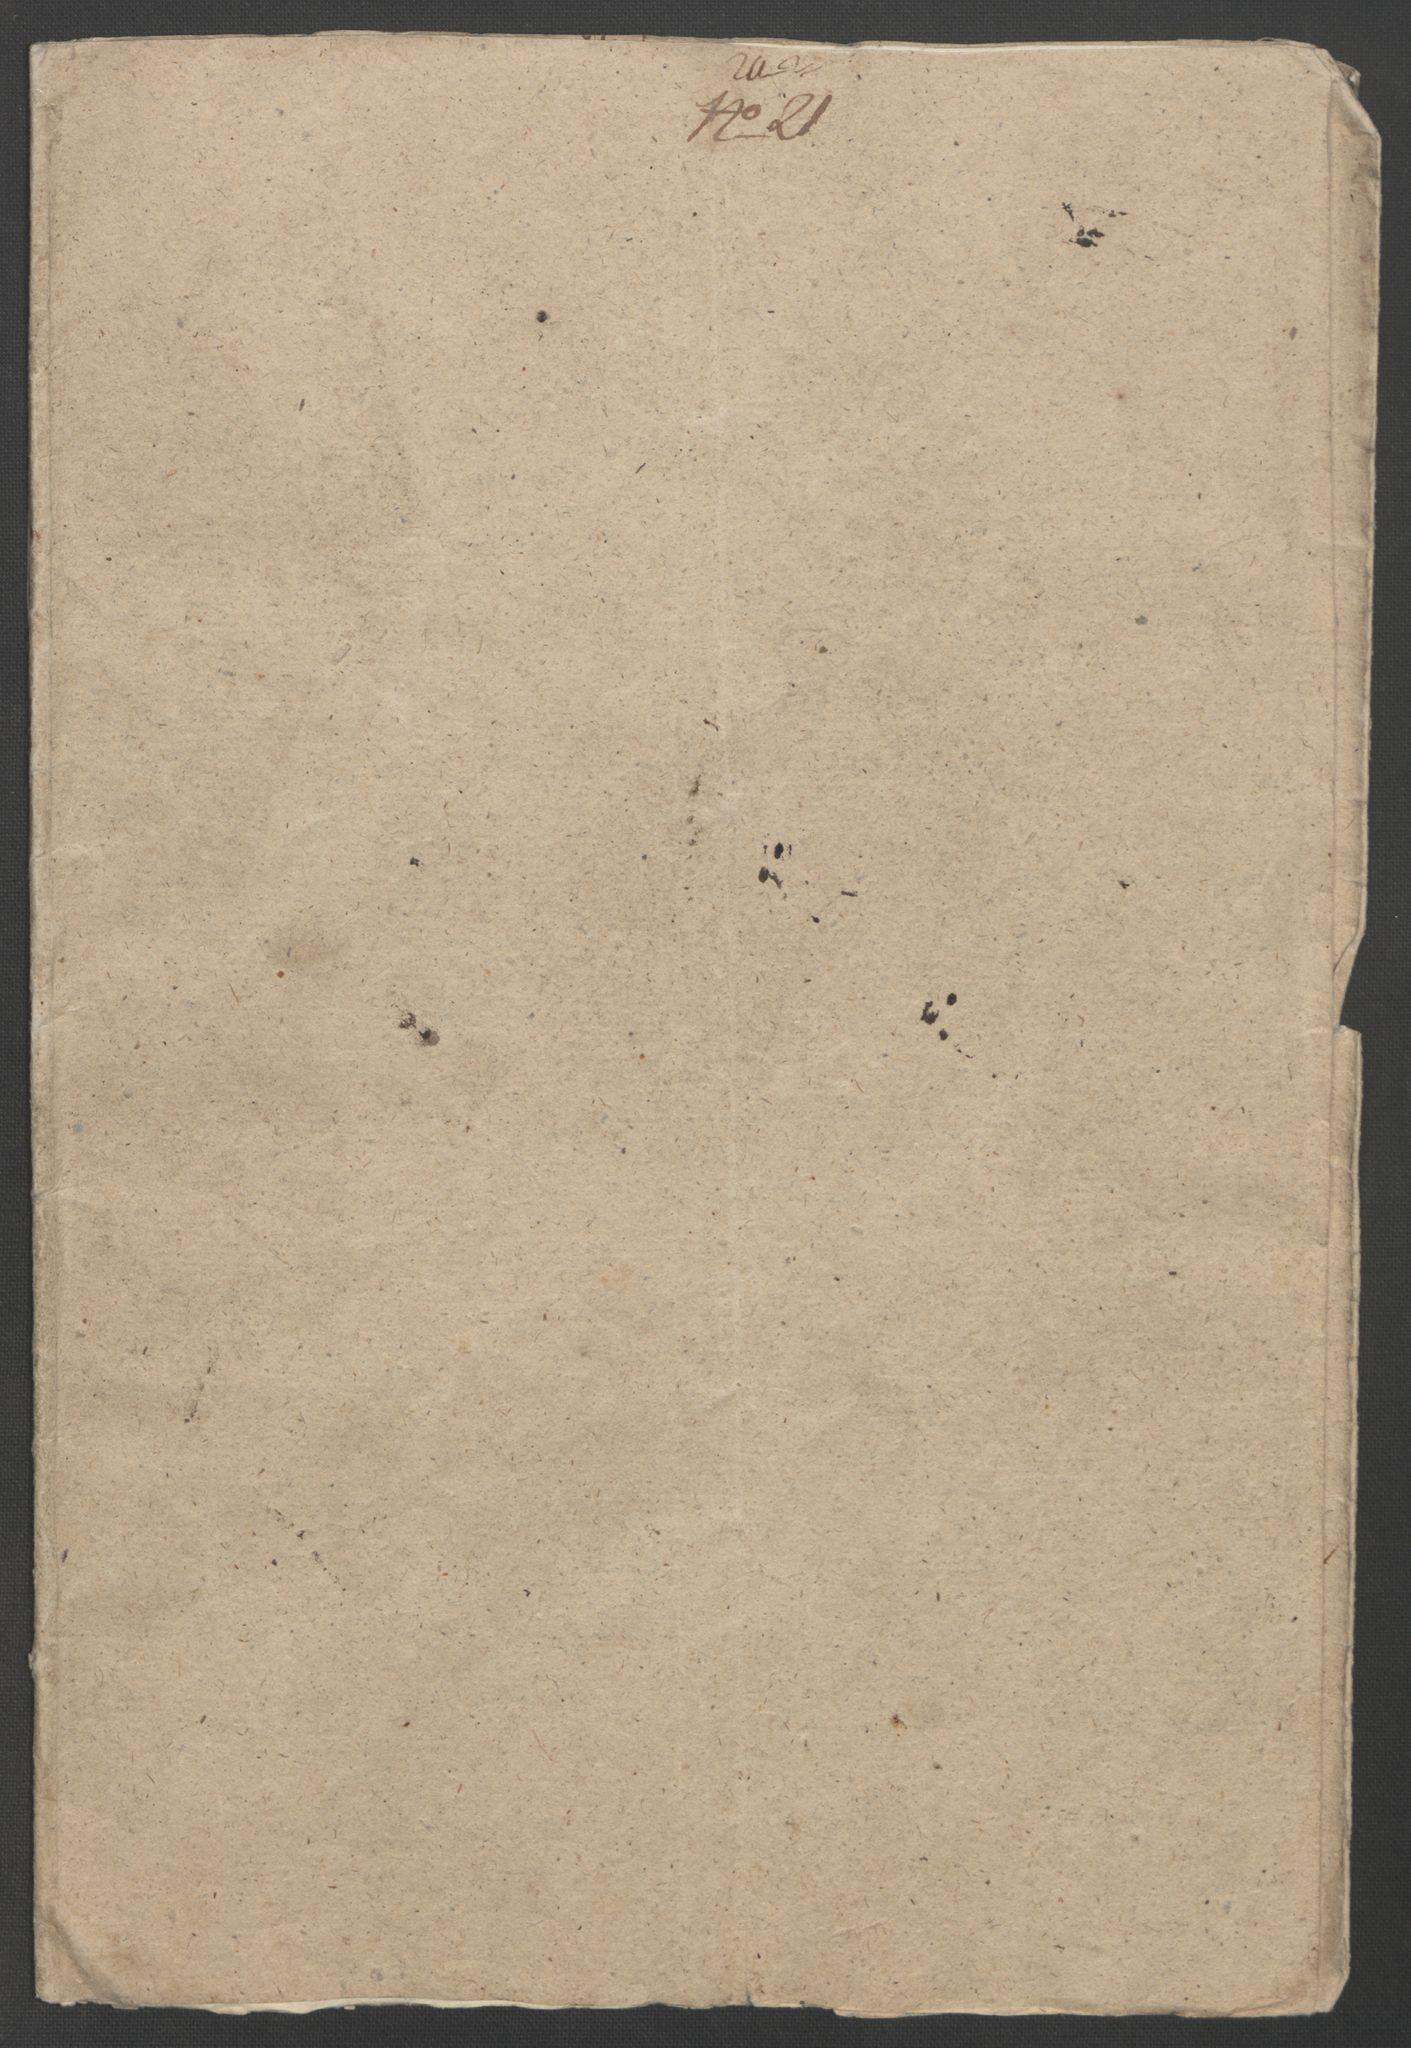 RA, Rentekammeret inntil 1814, Reviderte regnskaper, Fogderegnskap, R17/L1266: Ekstraskatten Gudbrandsdal, 1762-1766, s. 590